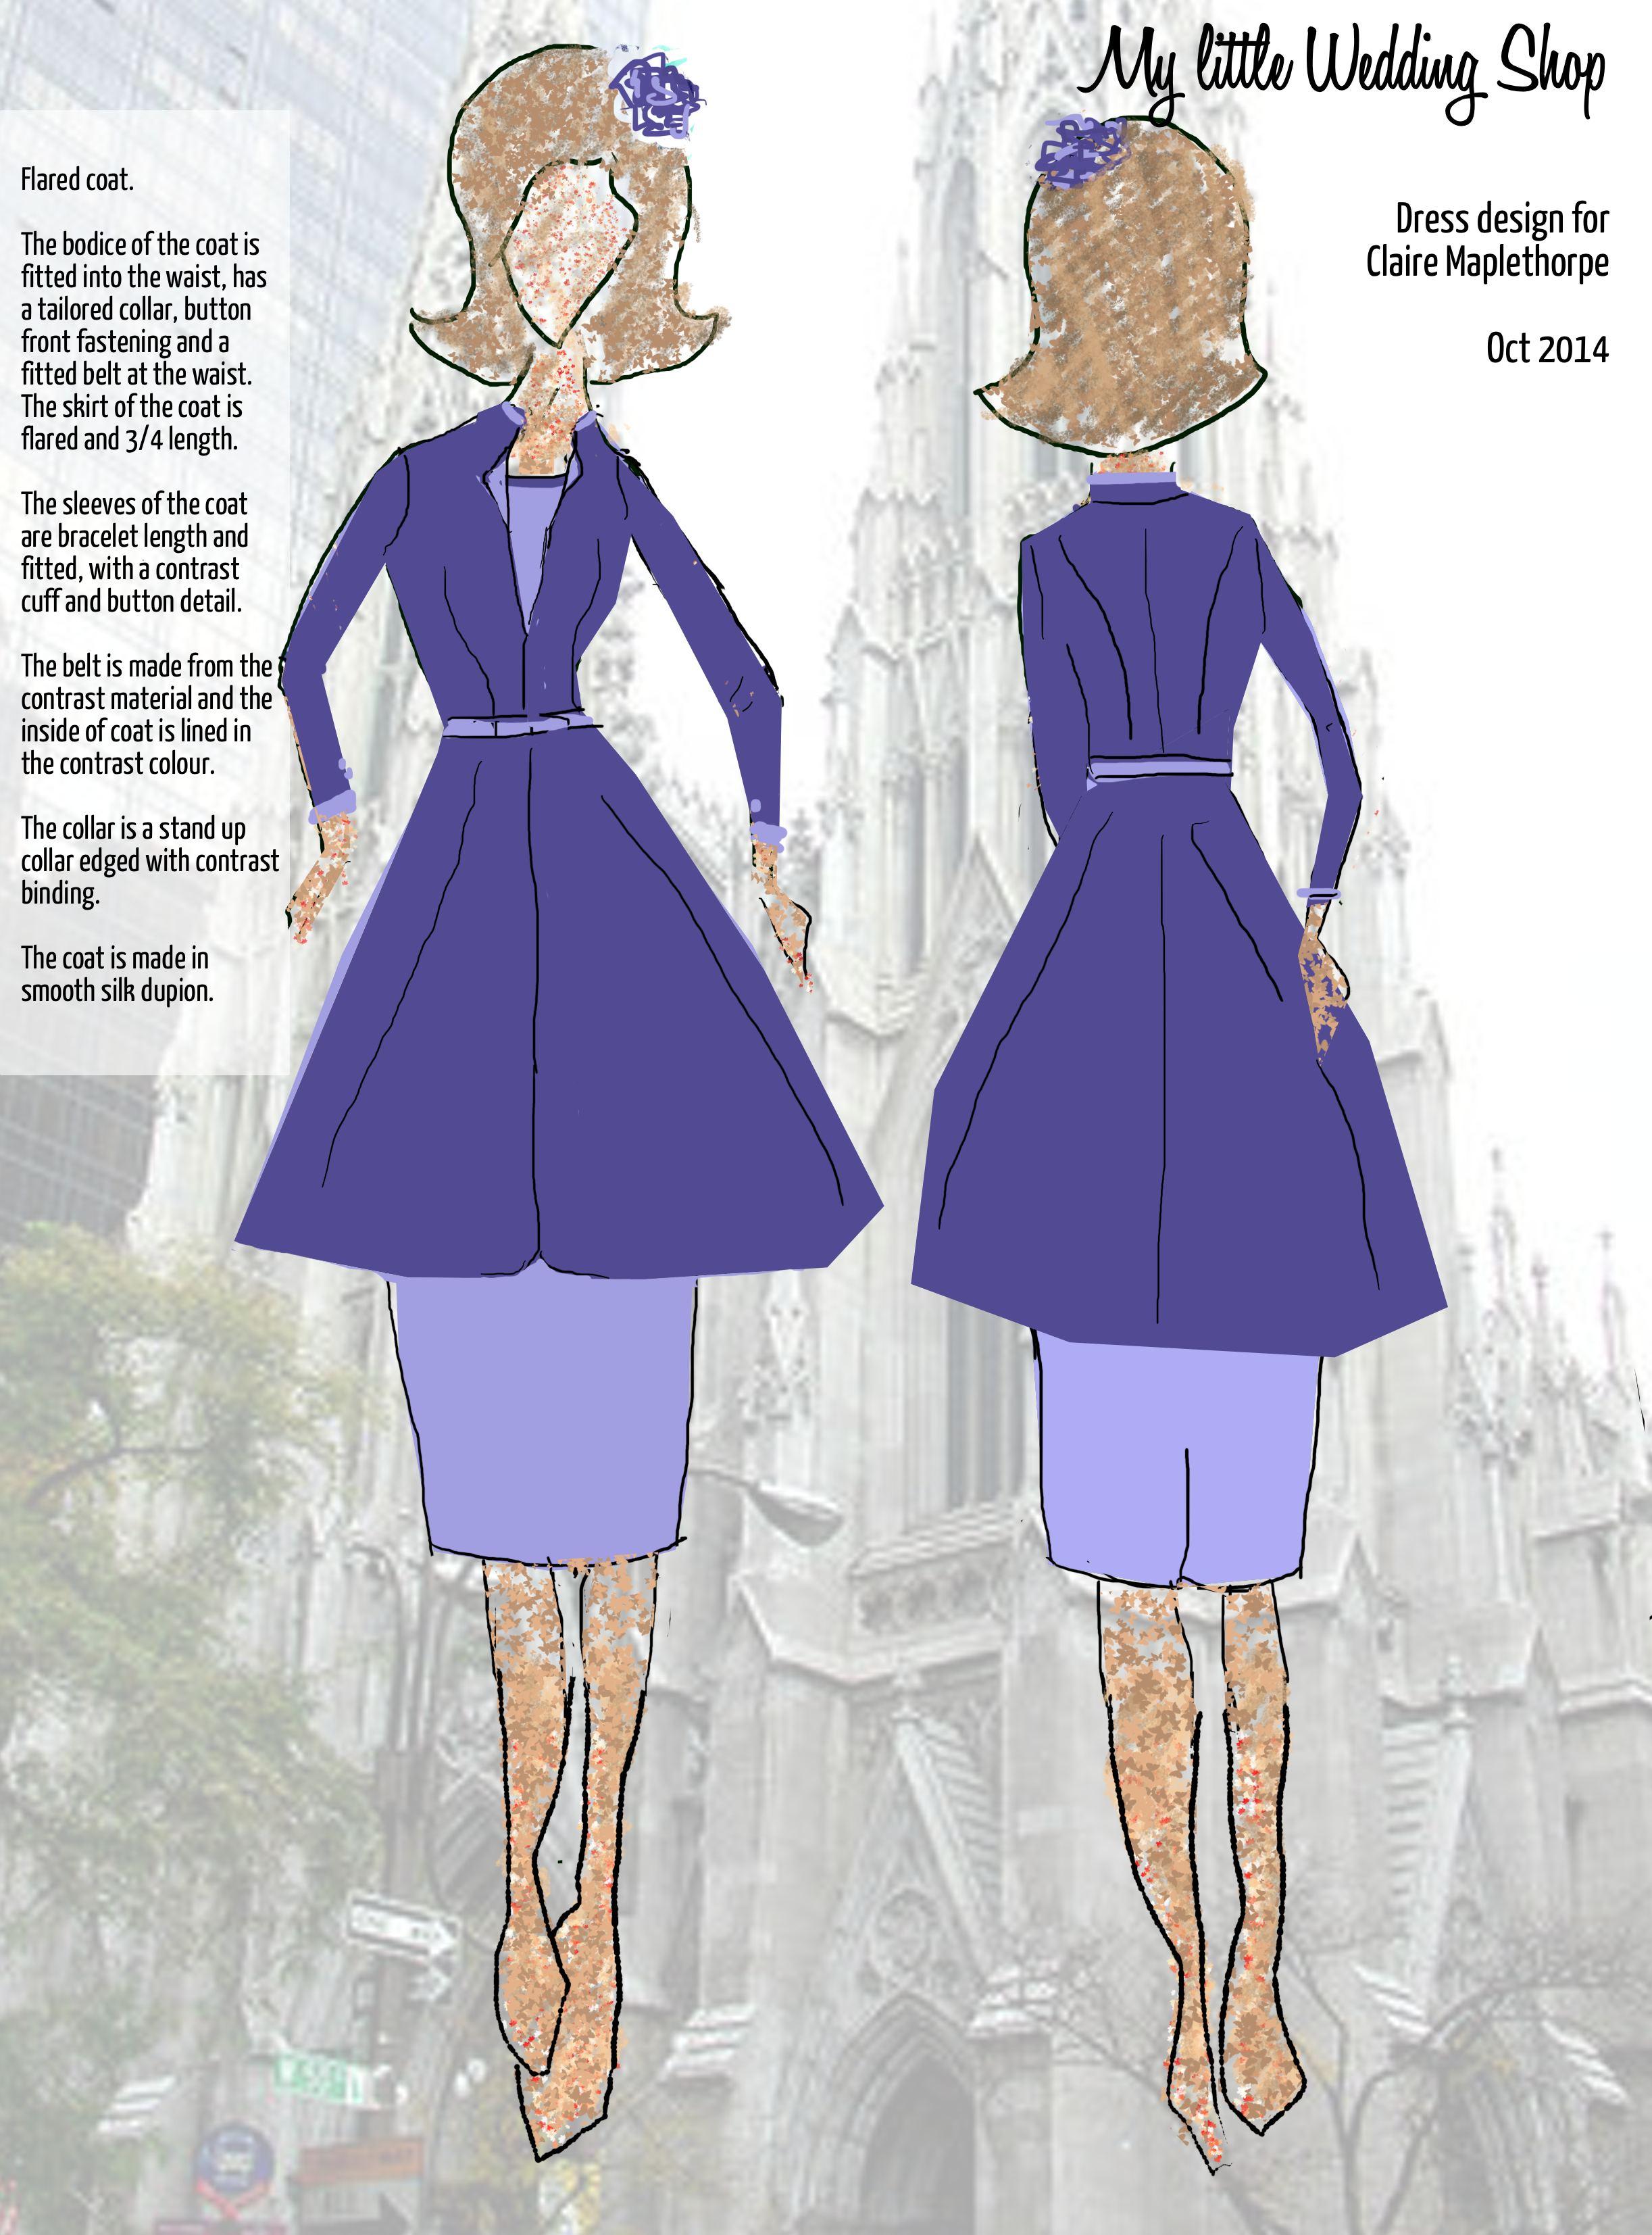 CM Coat design Oct 2014.jpg